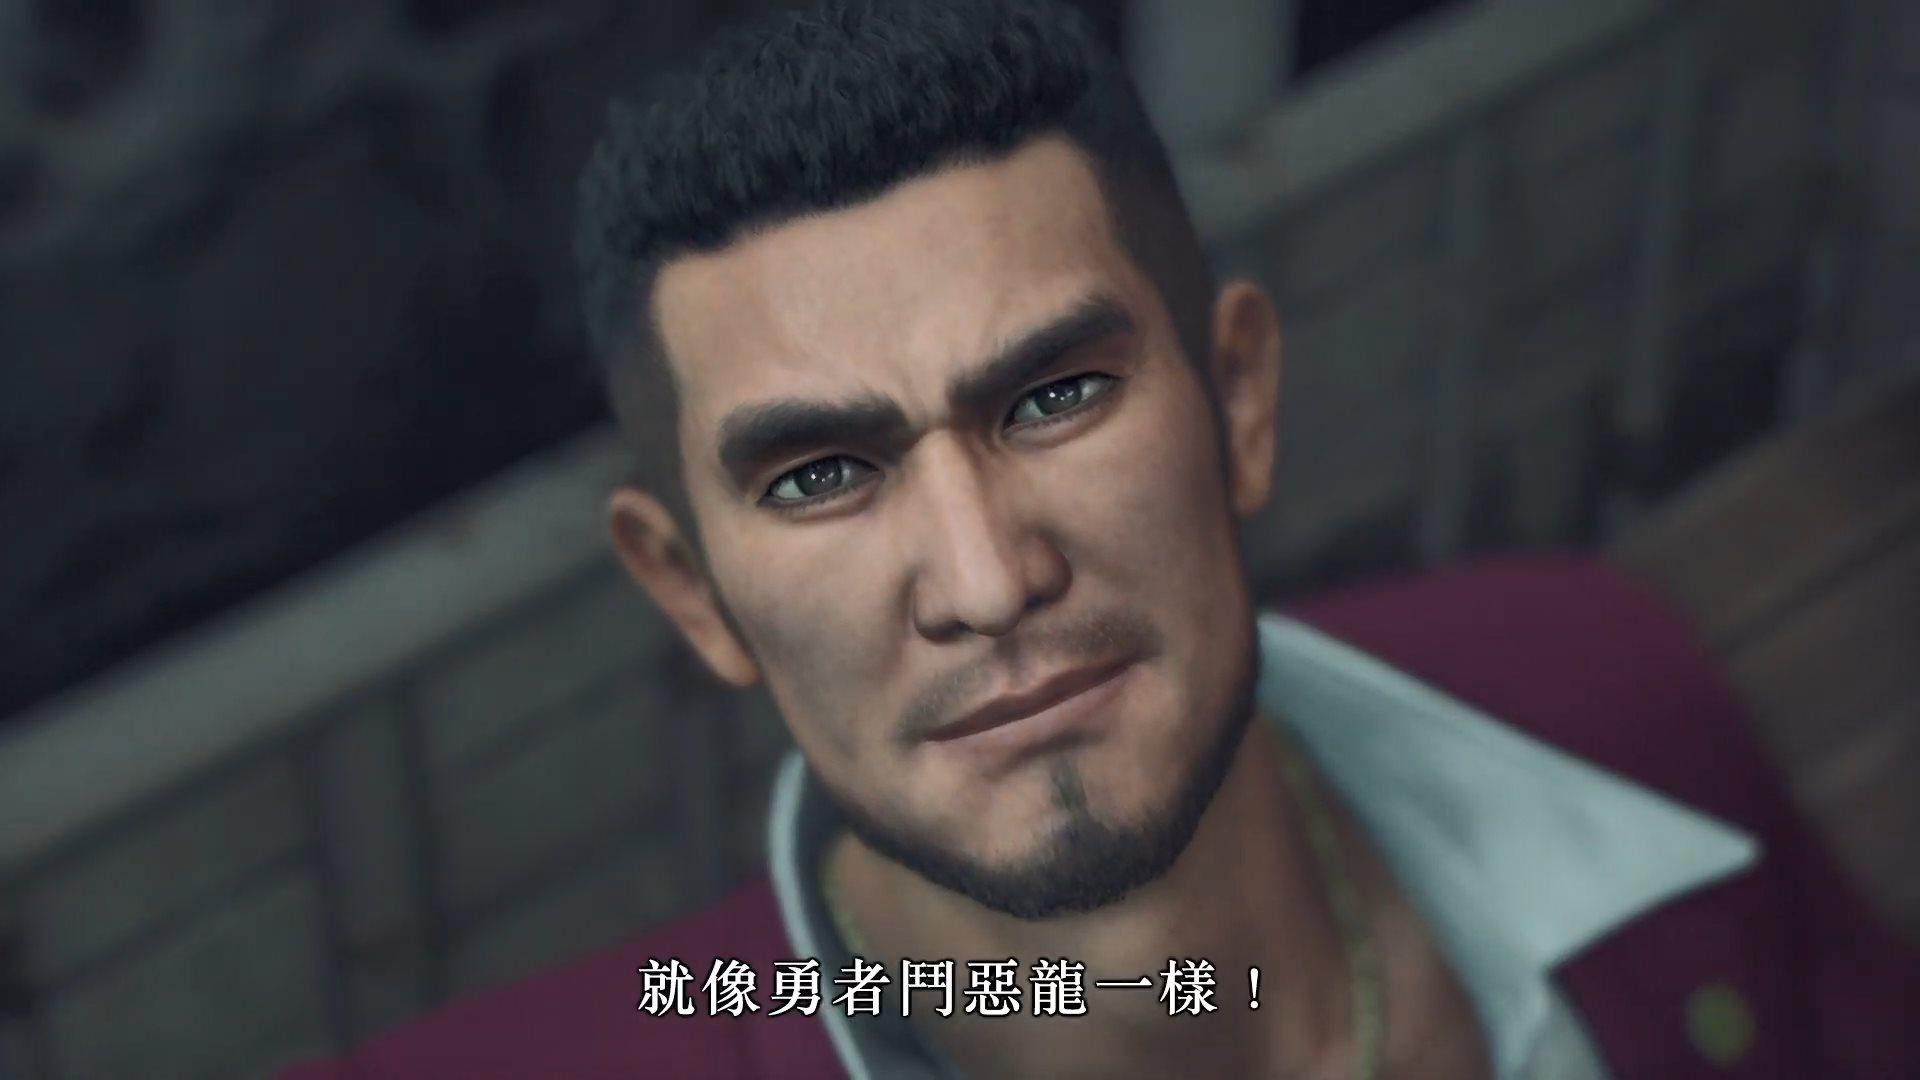 《如龍7》發布真人廣告宣傳片 殺馬特造型刑警矚目